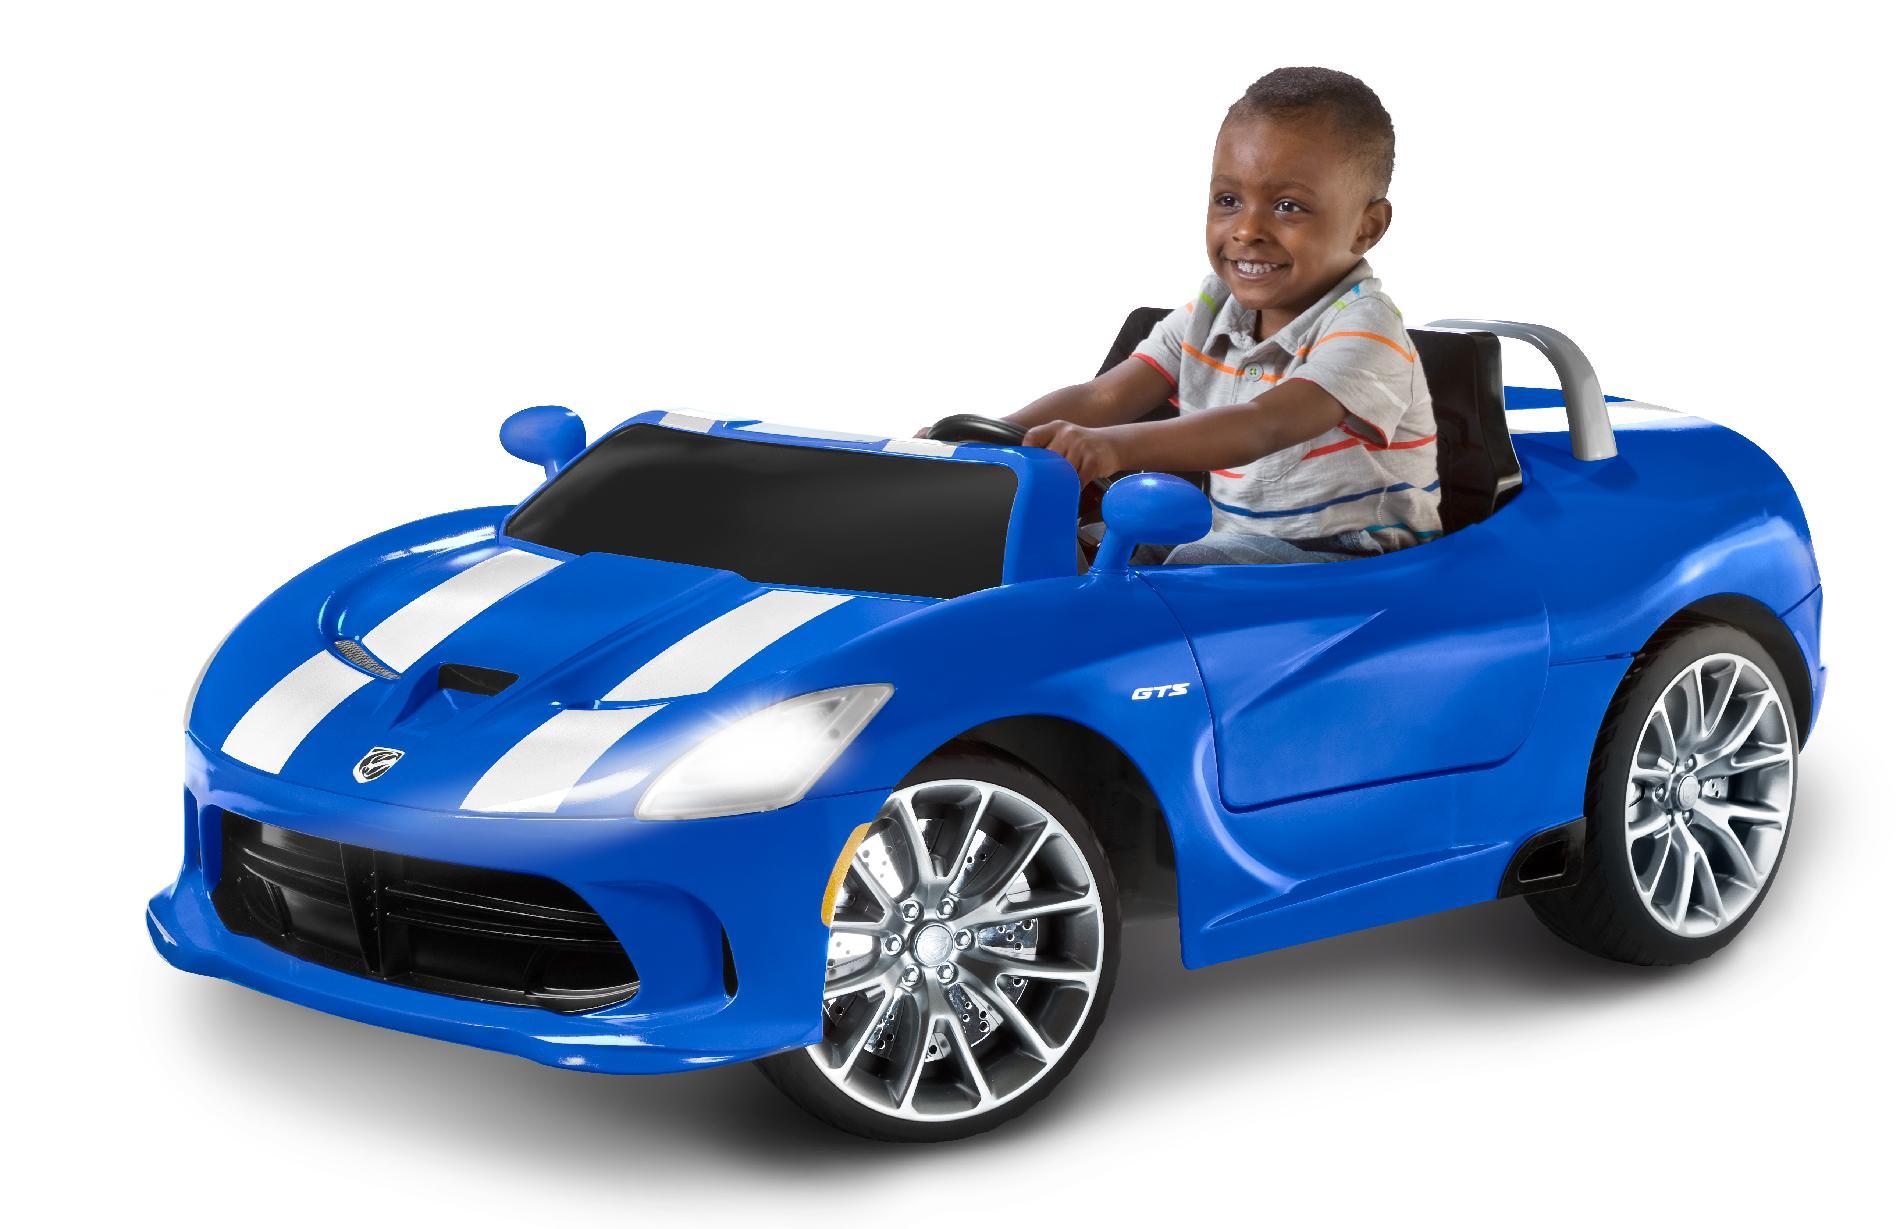 KidTrax Blue Dodge Viper SRT 12V Car